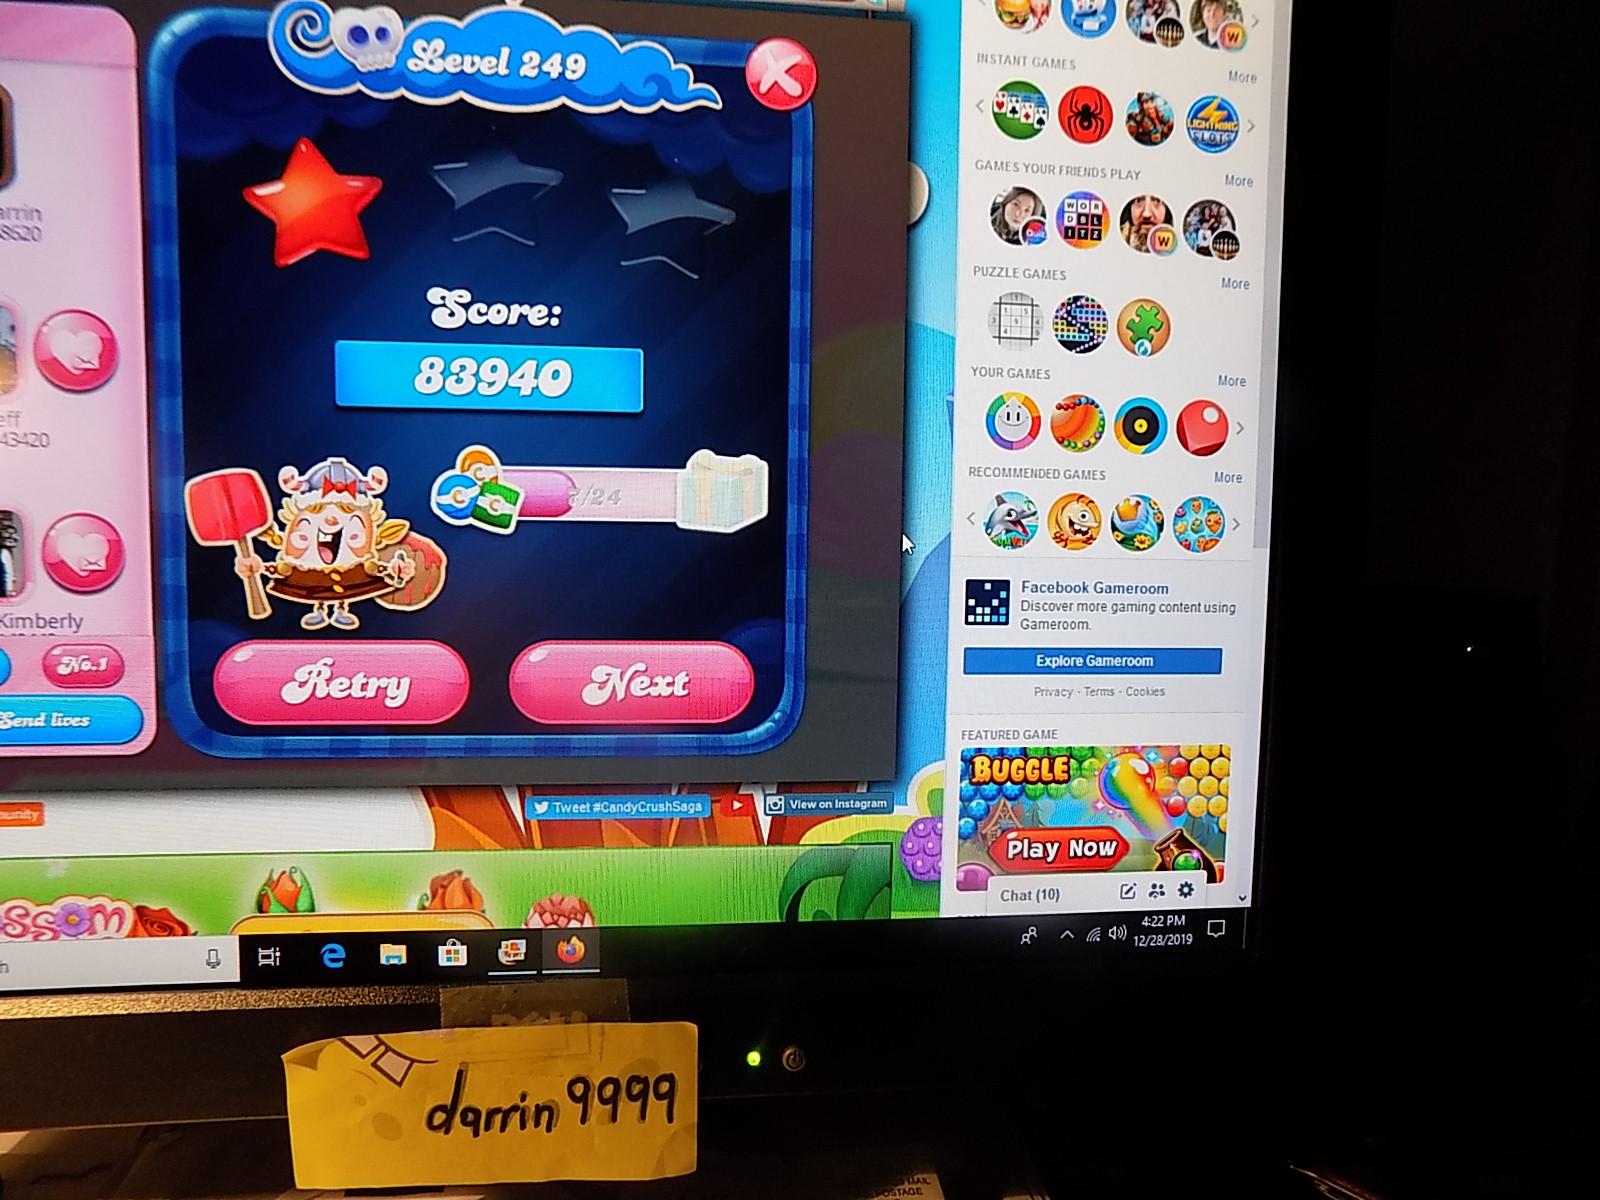 darrin9999: Candy Crush Saga: Level 249 (Web) 83,940 points on 2019-12-29 06:35:47